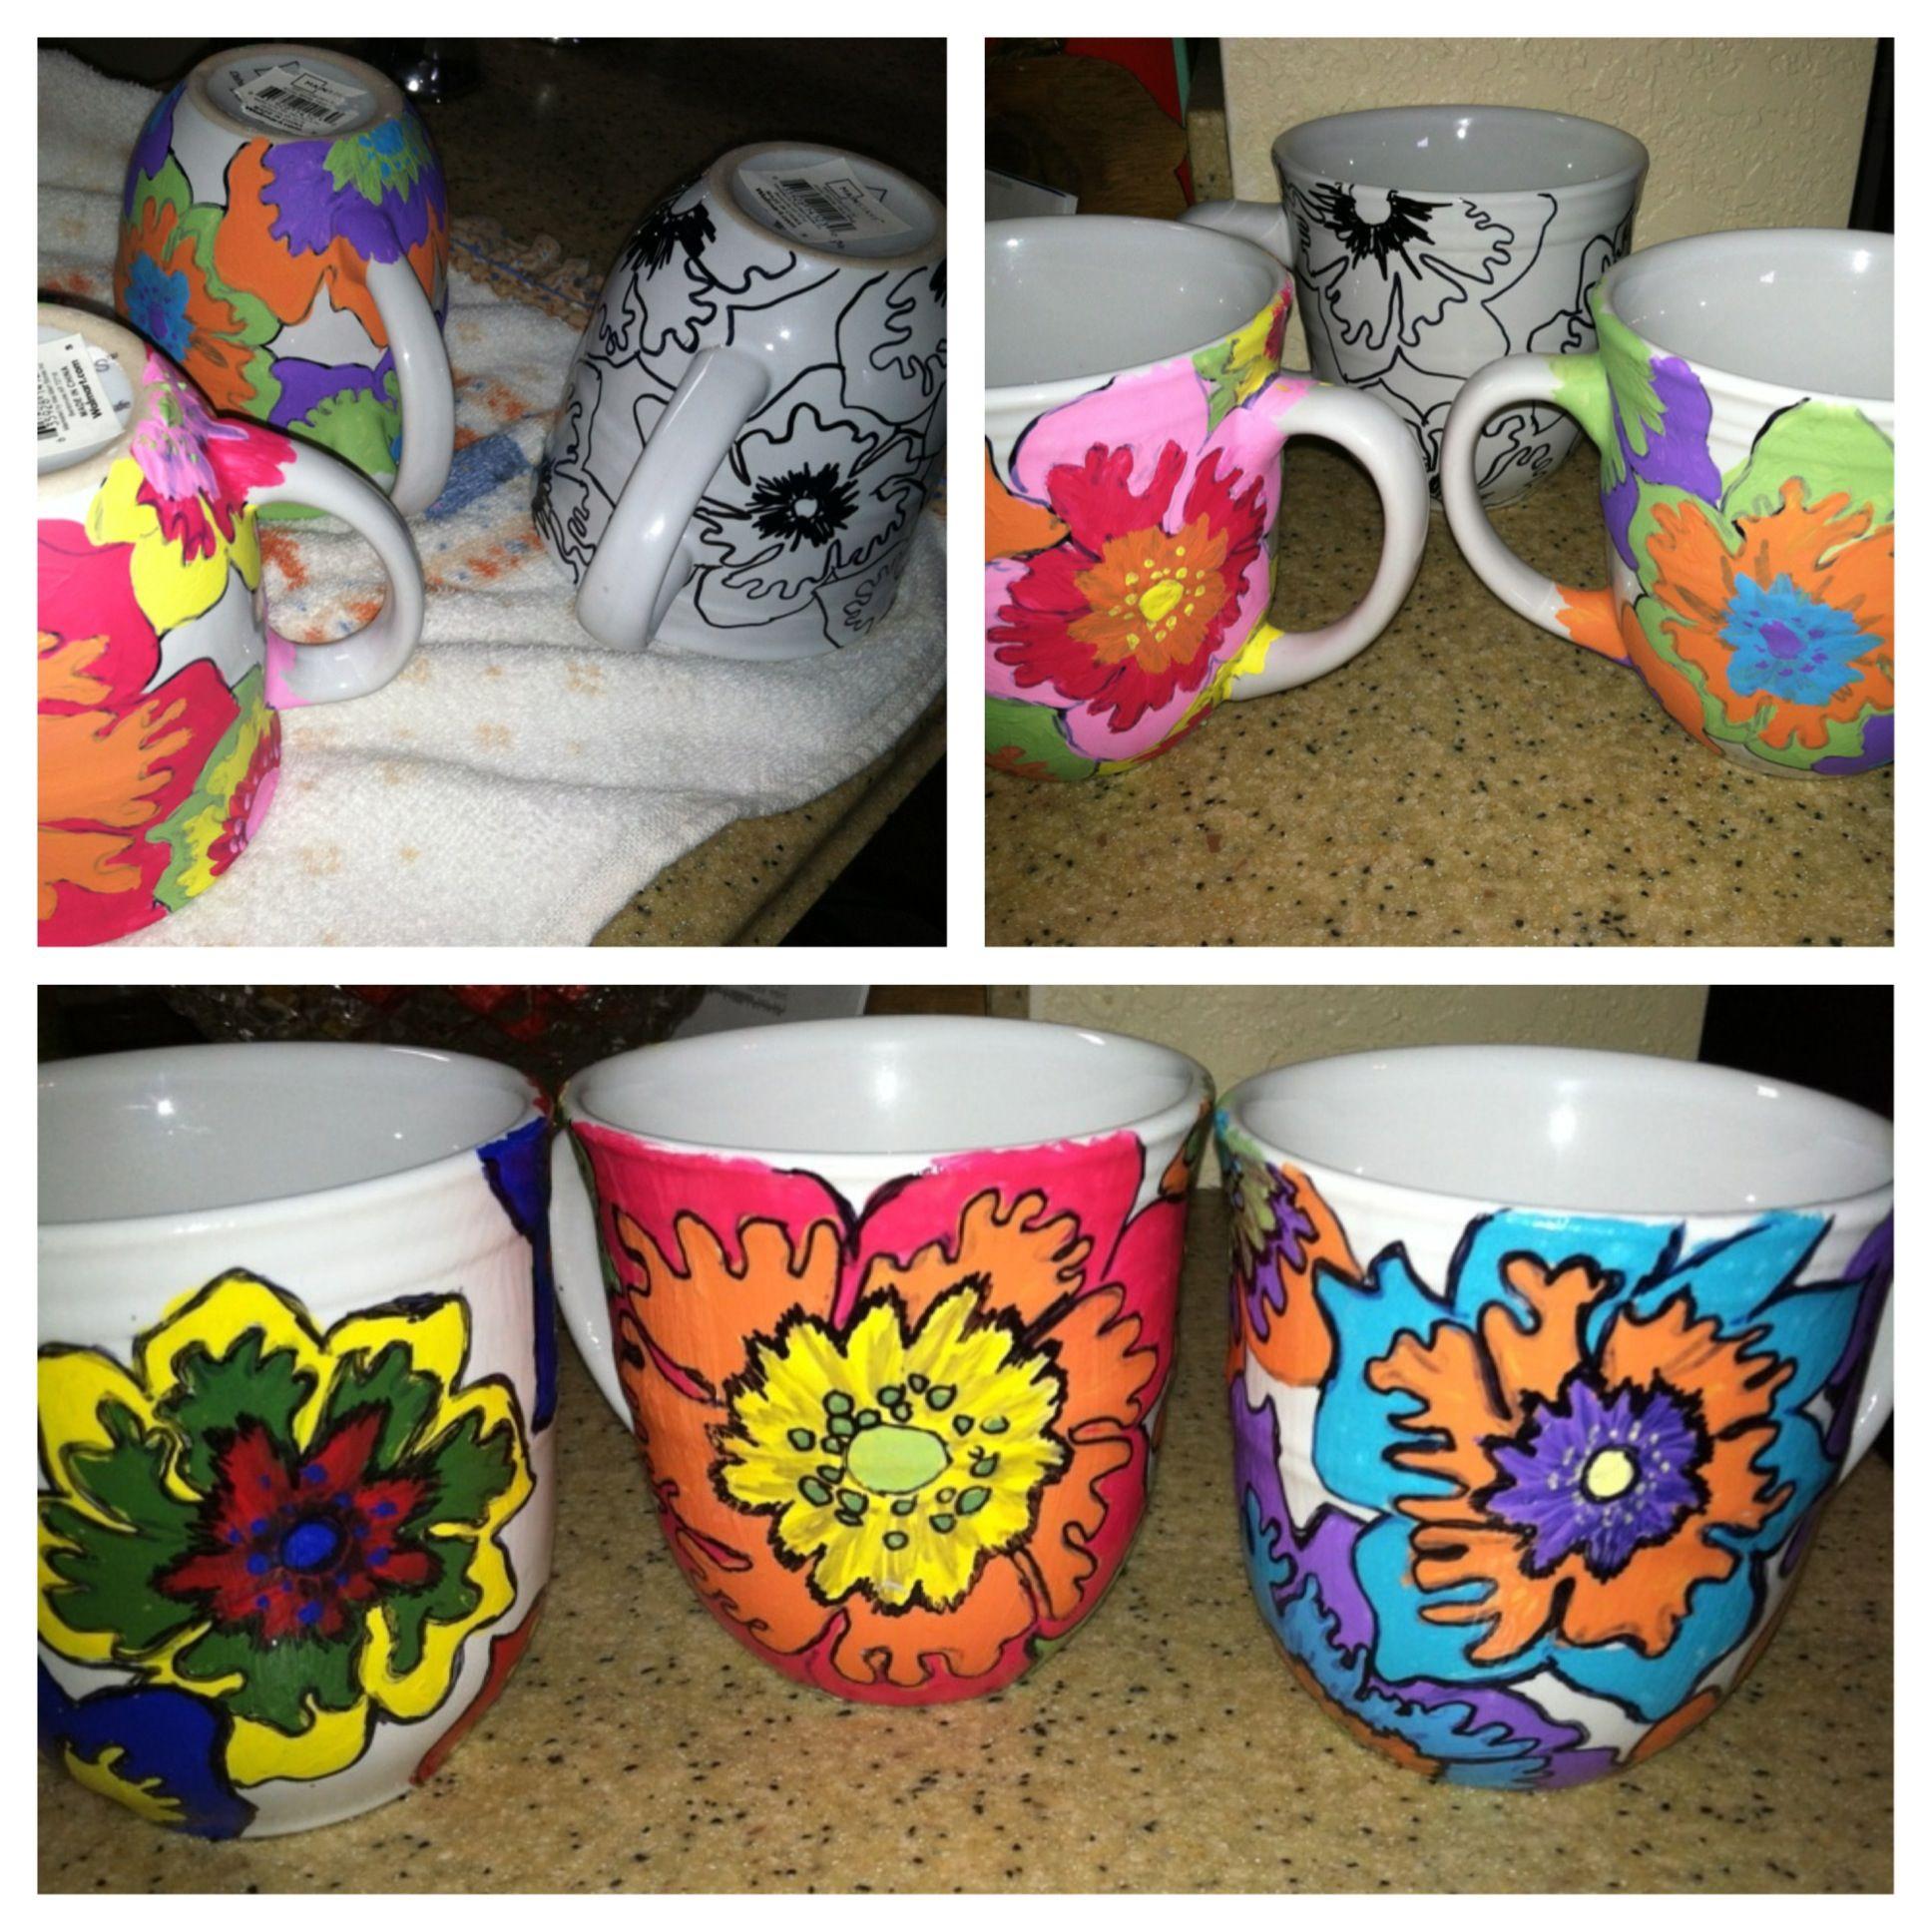 acrylic paint cheap coffee mugs and sharpies not dishwasher - Cheap Dishwashers